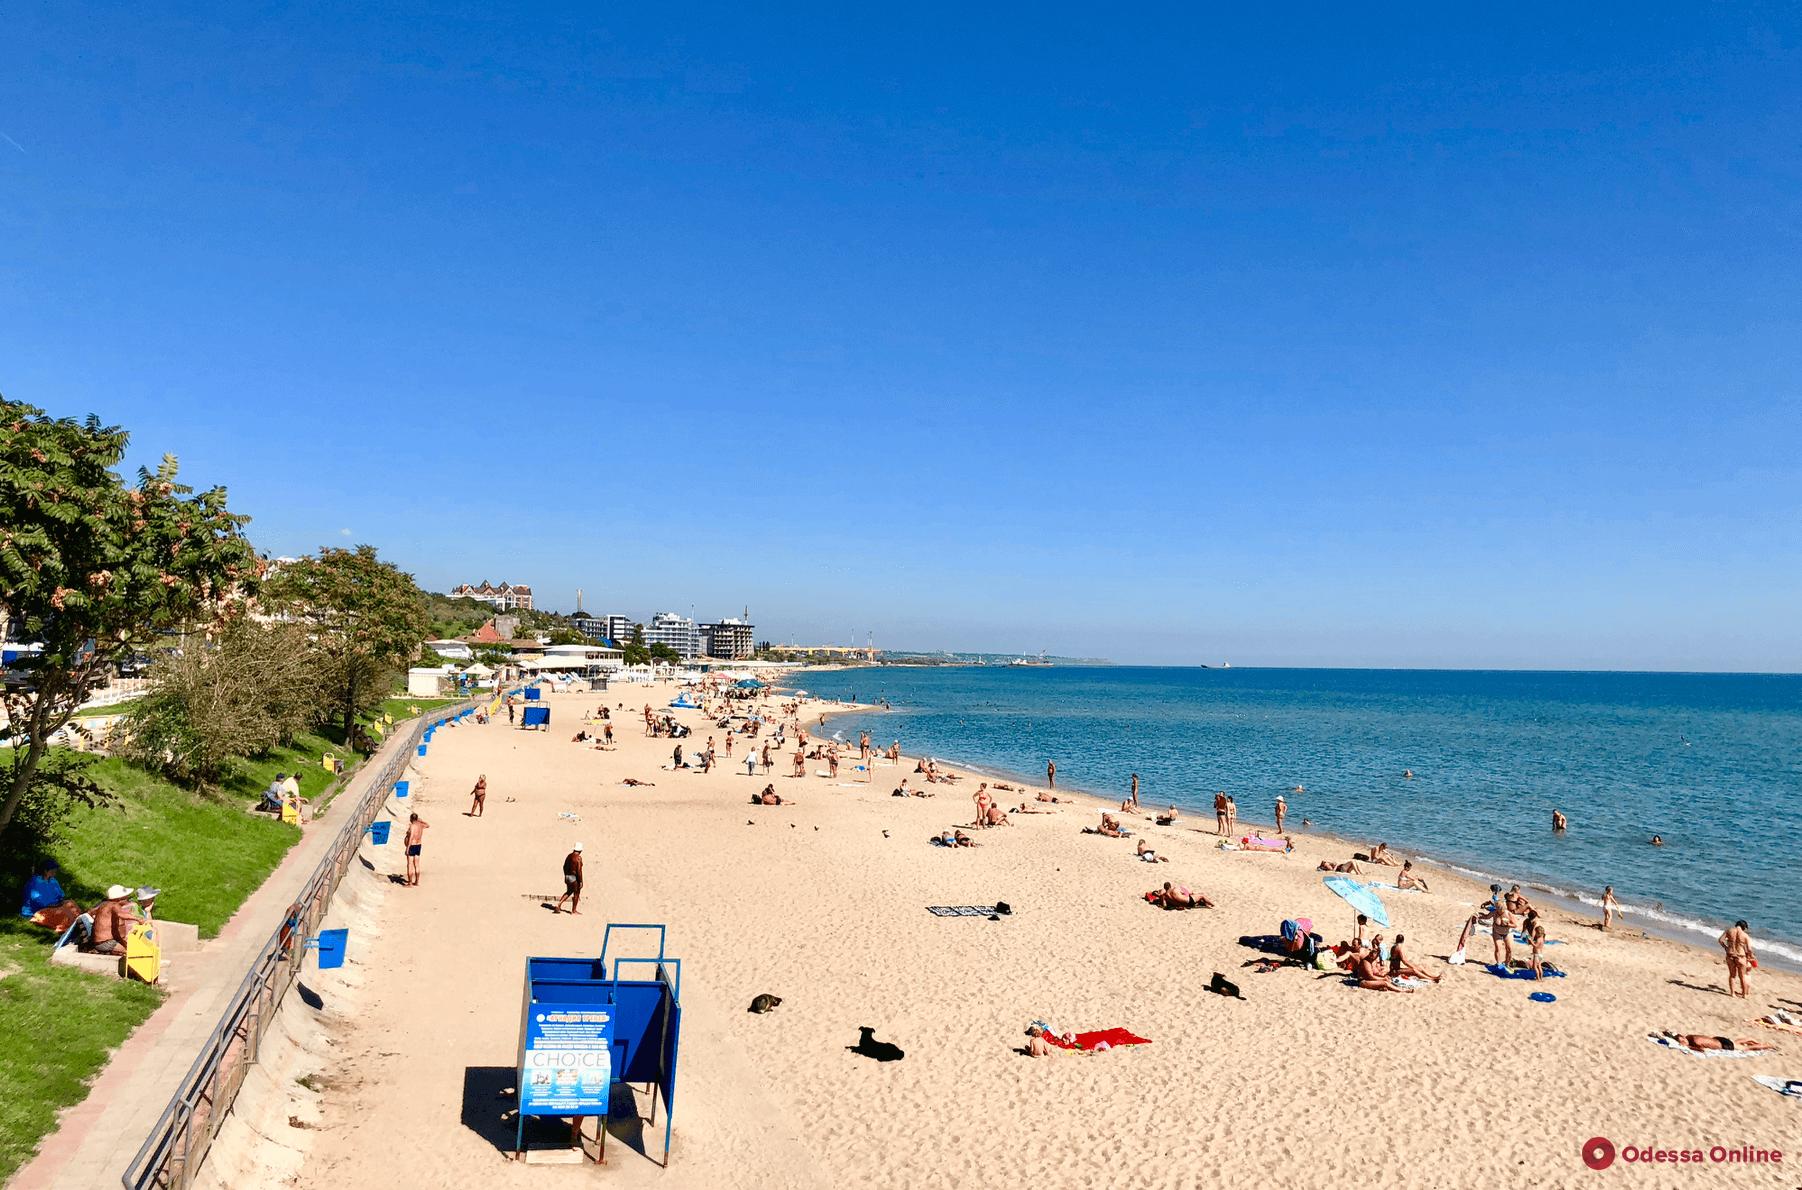 Аттракционам здесь не место: на территории городского пляжа Черноморска запретили размещение бассейнов